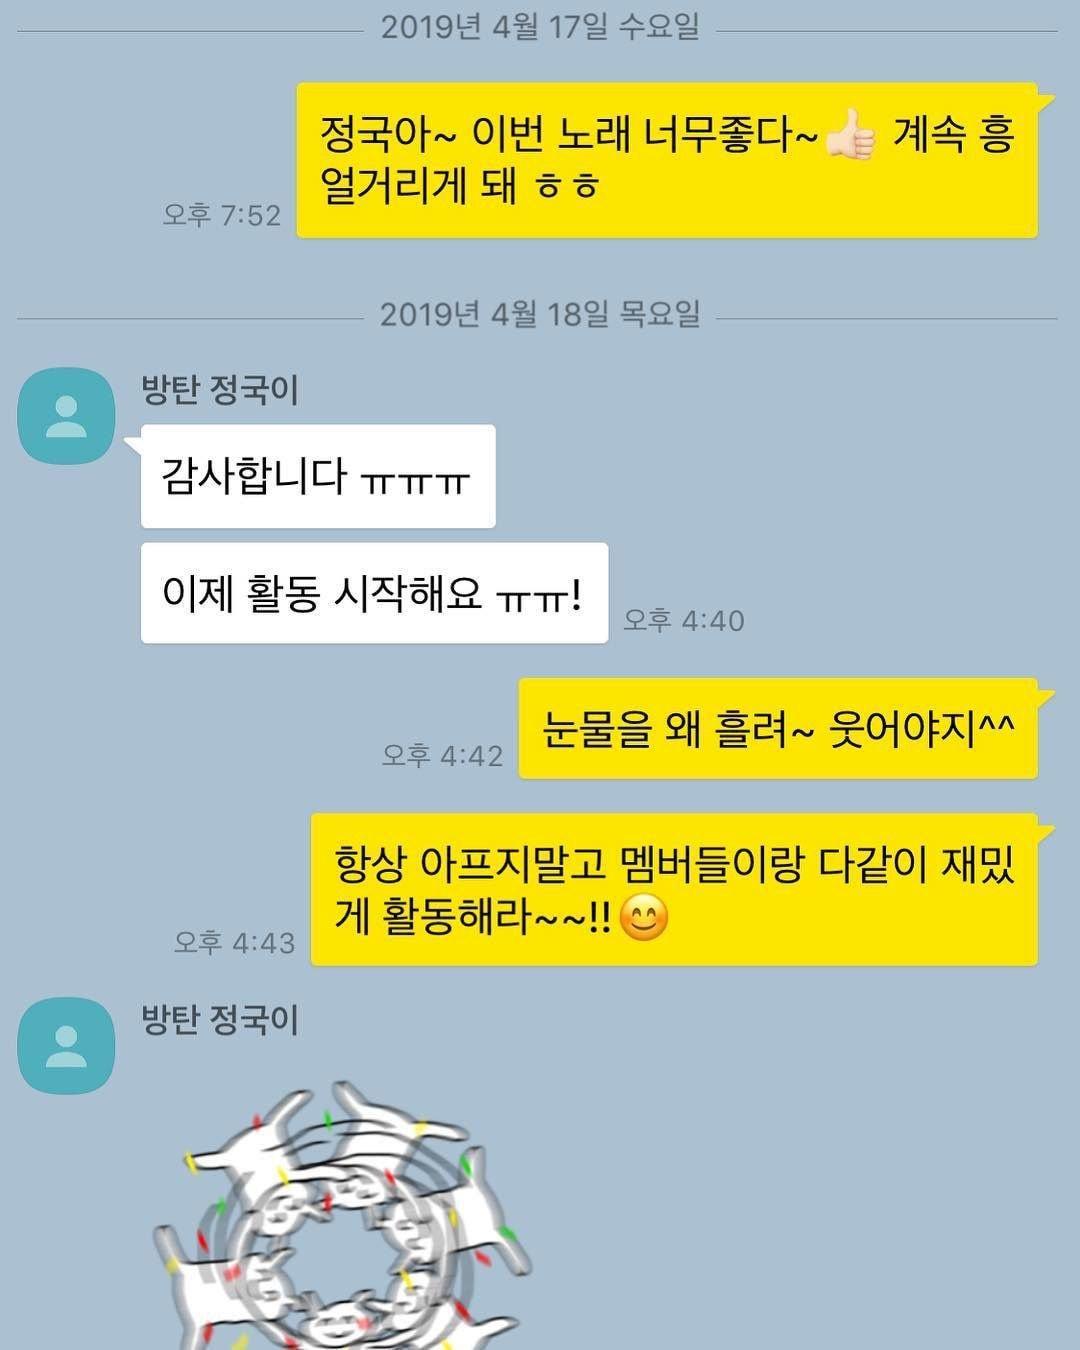 jungkook6